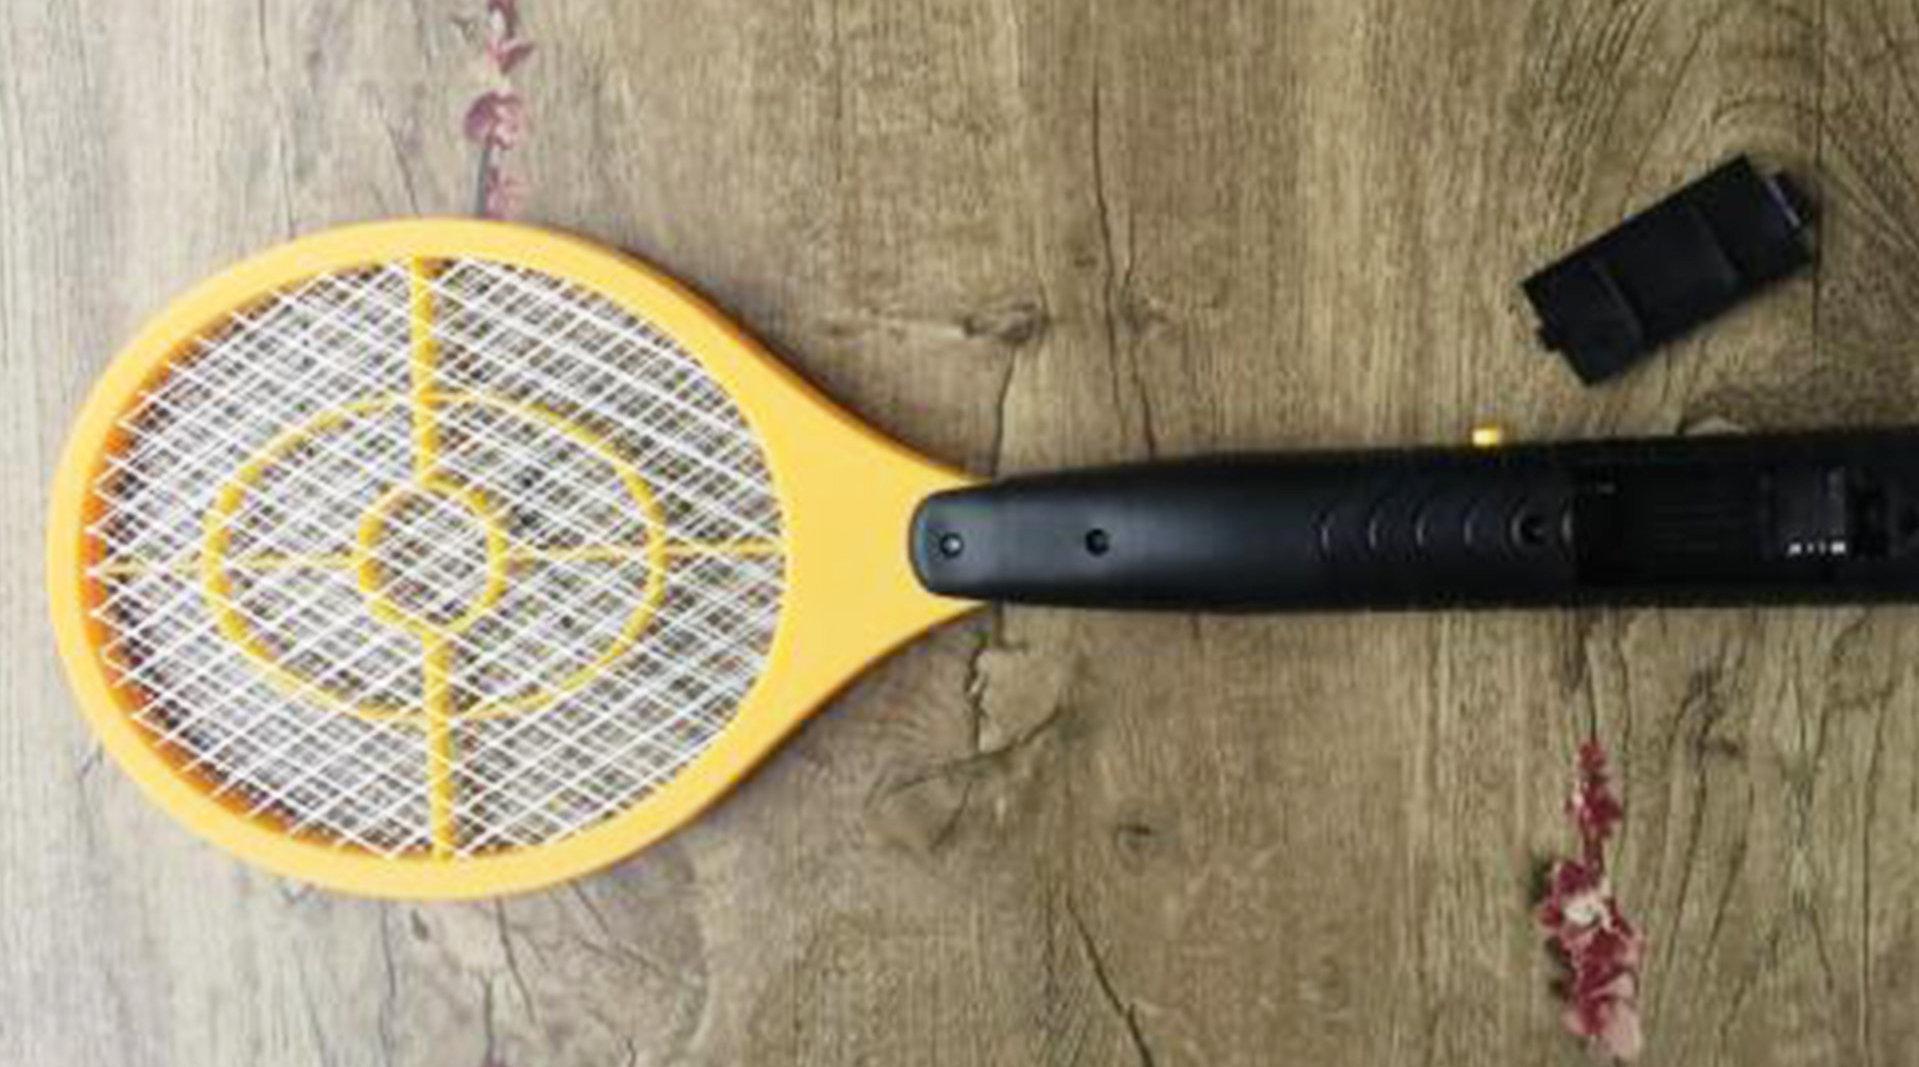 警惕!驱蚊同时用它俩会引发爆燃,怎么安全驱蚊呢?